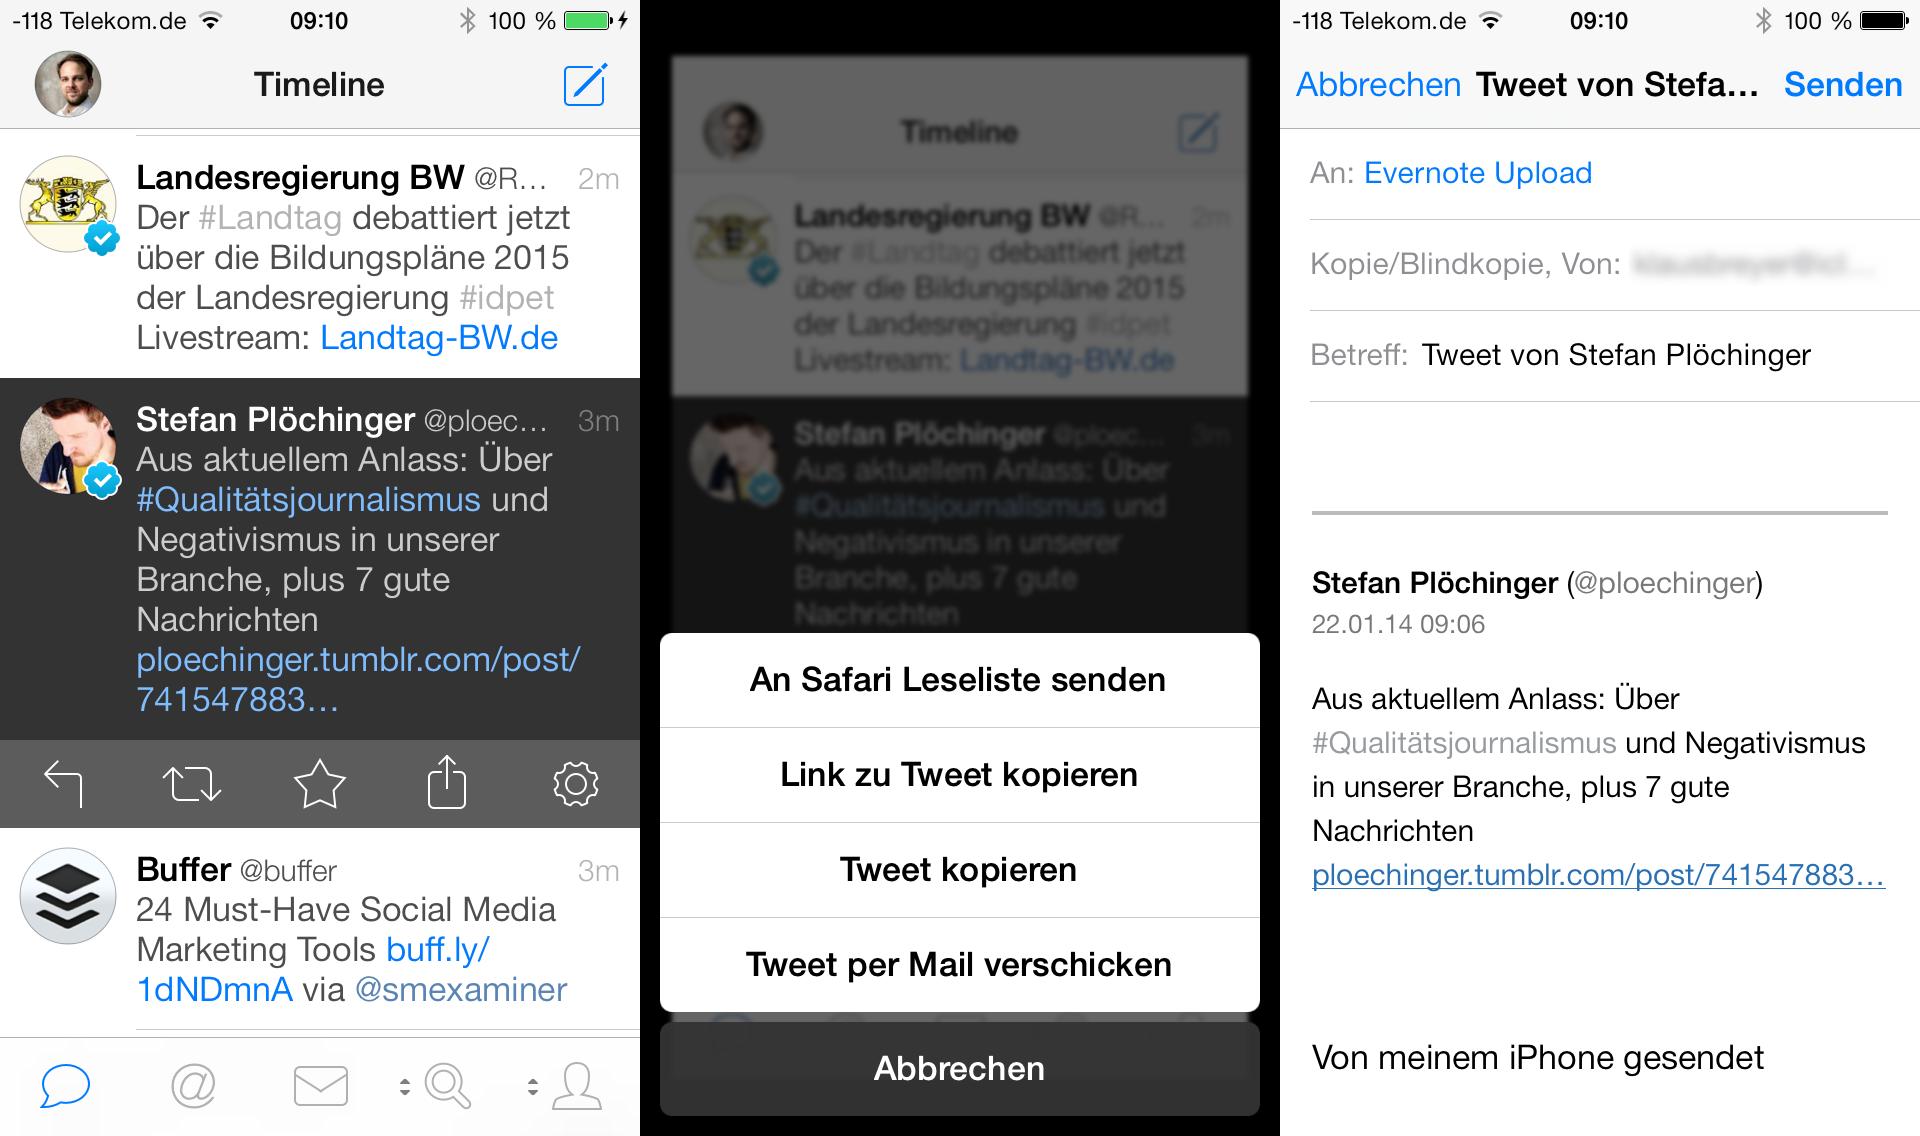 Wie man aus dem Twitter Client Tweetbot einen Link an Evernote sendet.